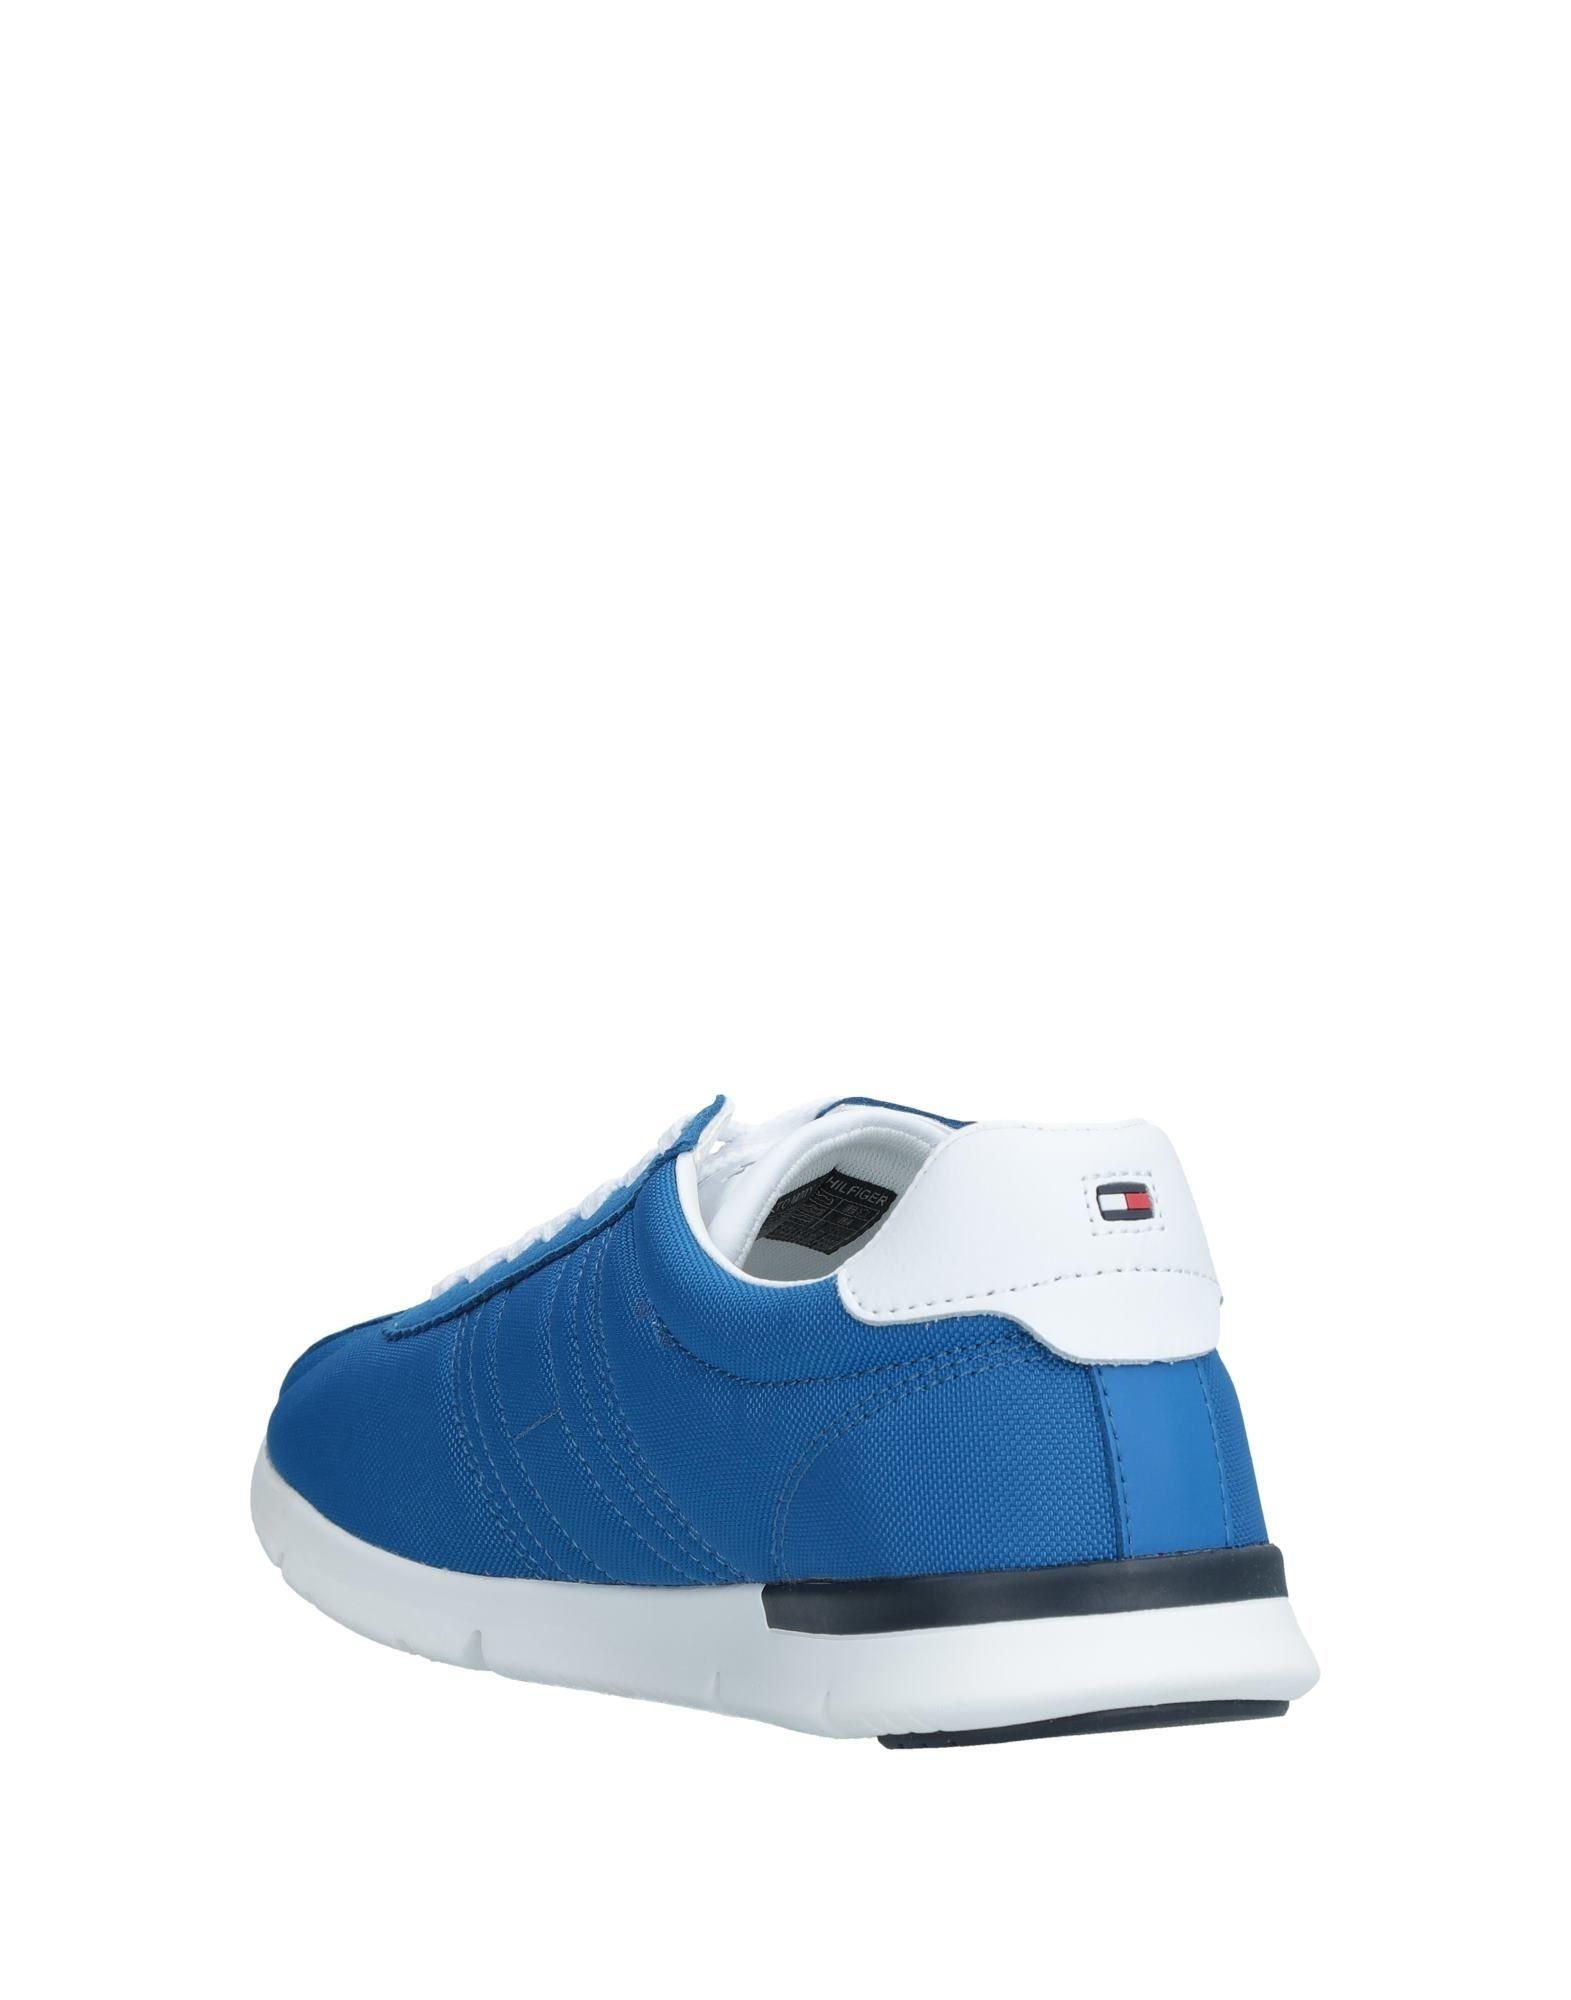 Rabatt echte Herren Schuhe Tommy Hilfiger Sneakers Herren echte  11418845PO 1f417c